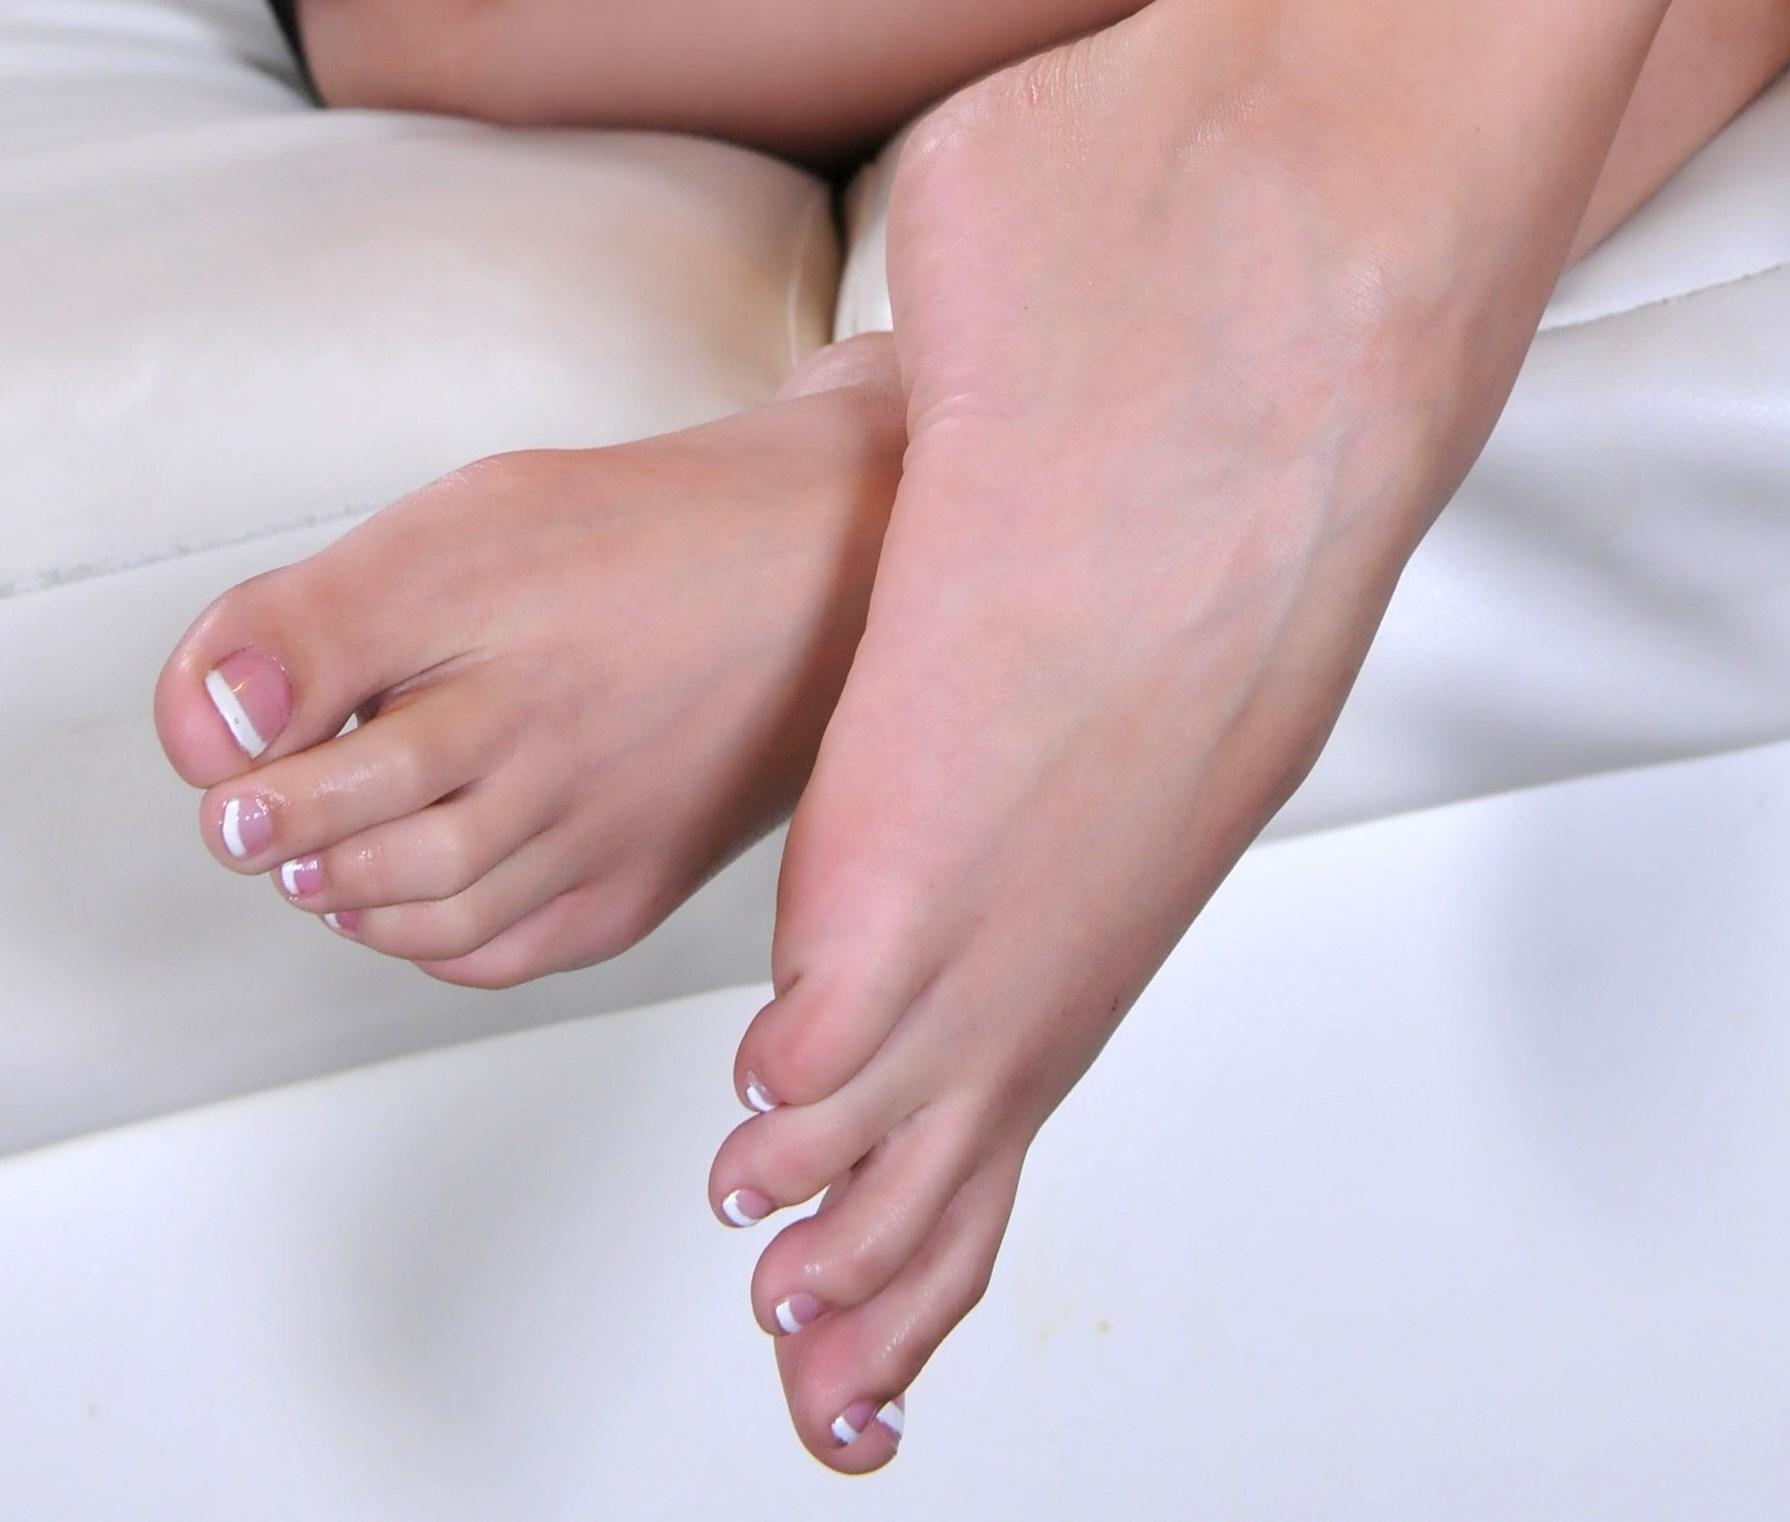 Noelle Easton's Feet